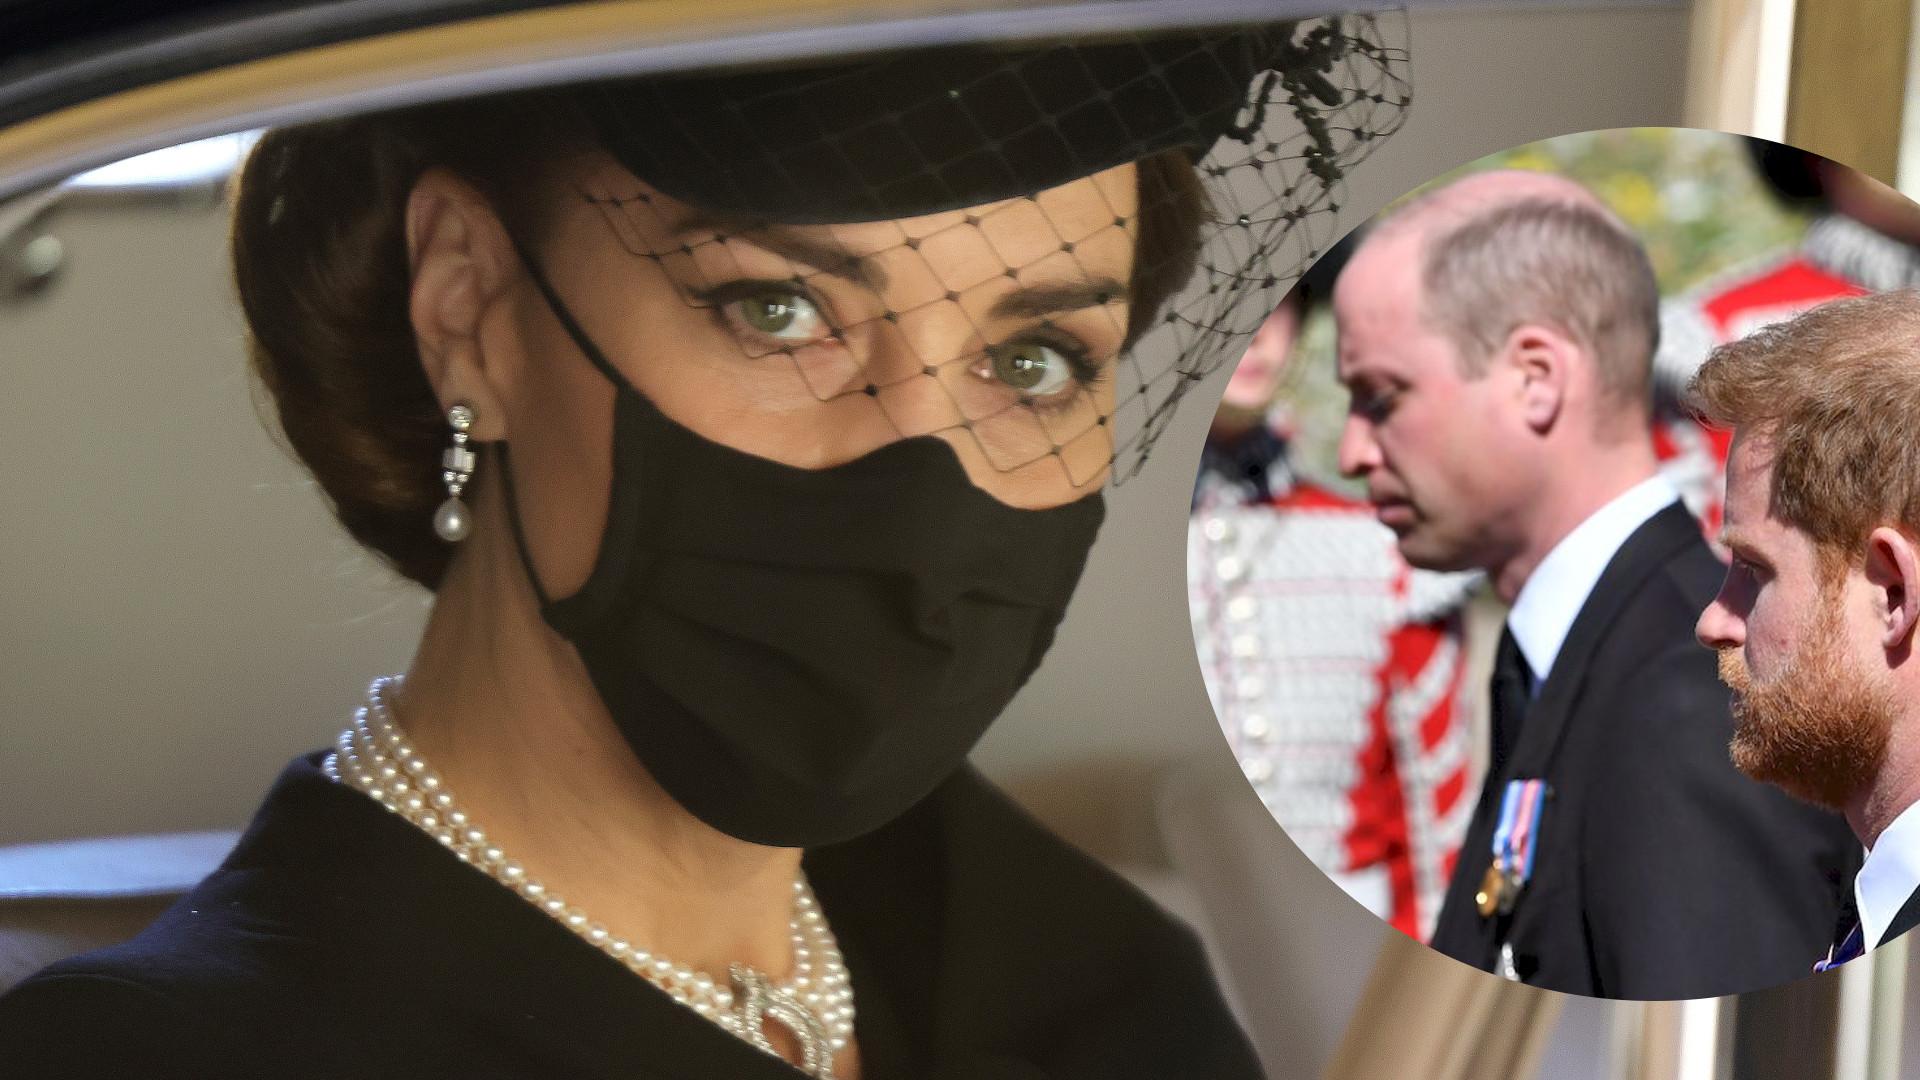 Eksperci komentują gest księżnej Kate. Pomogła Williamowi i Harry'emu